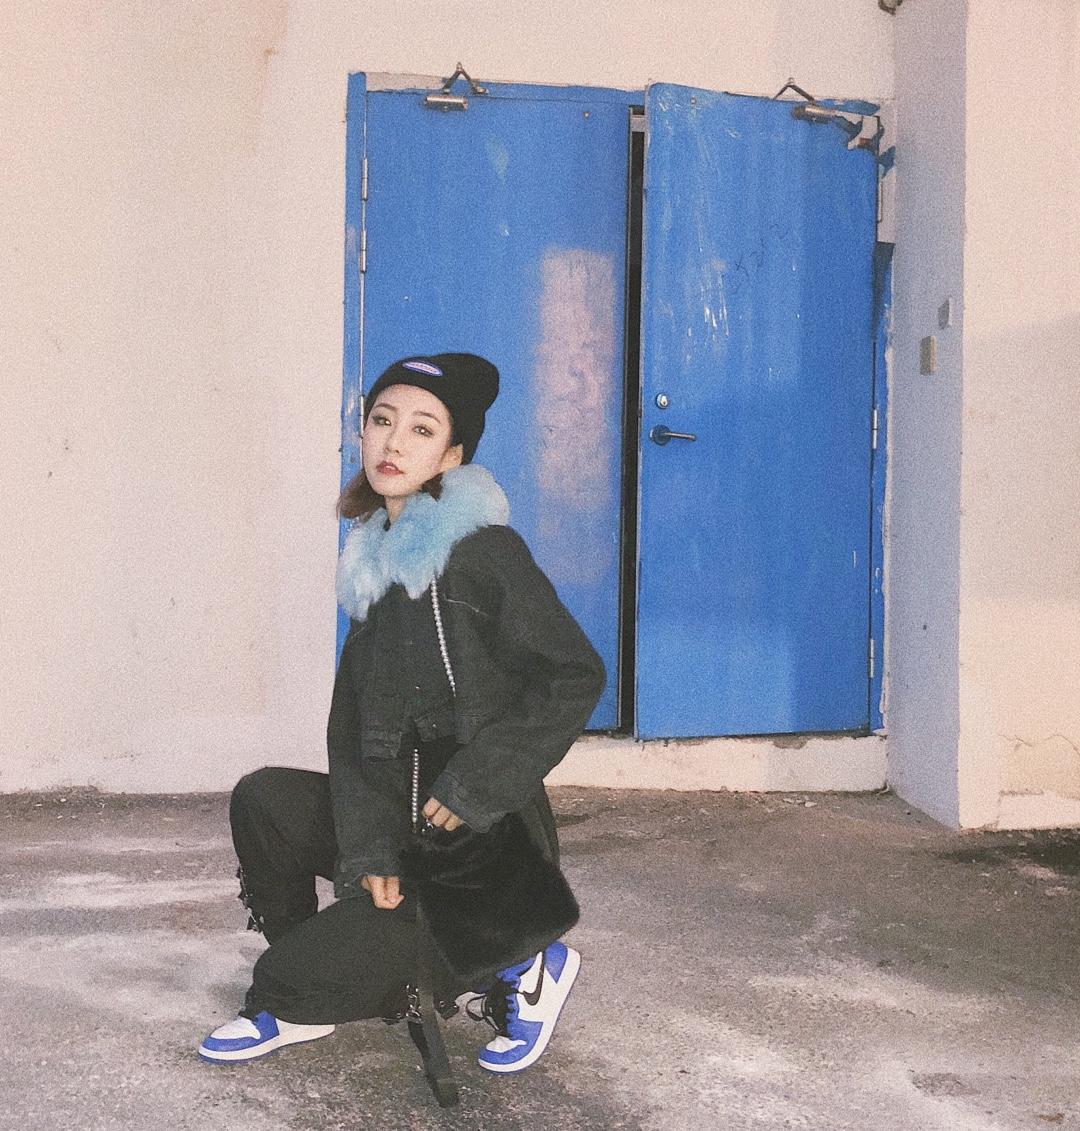 #今天穿什么# OOTD 一到冬天就很想去广东哎  那里的姐妹还可以穿单衣🥱